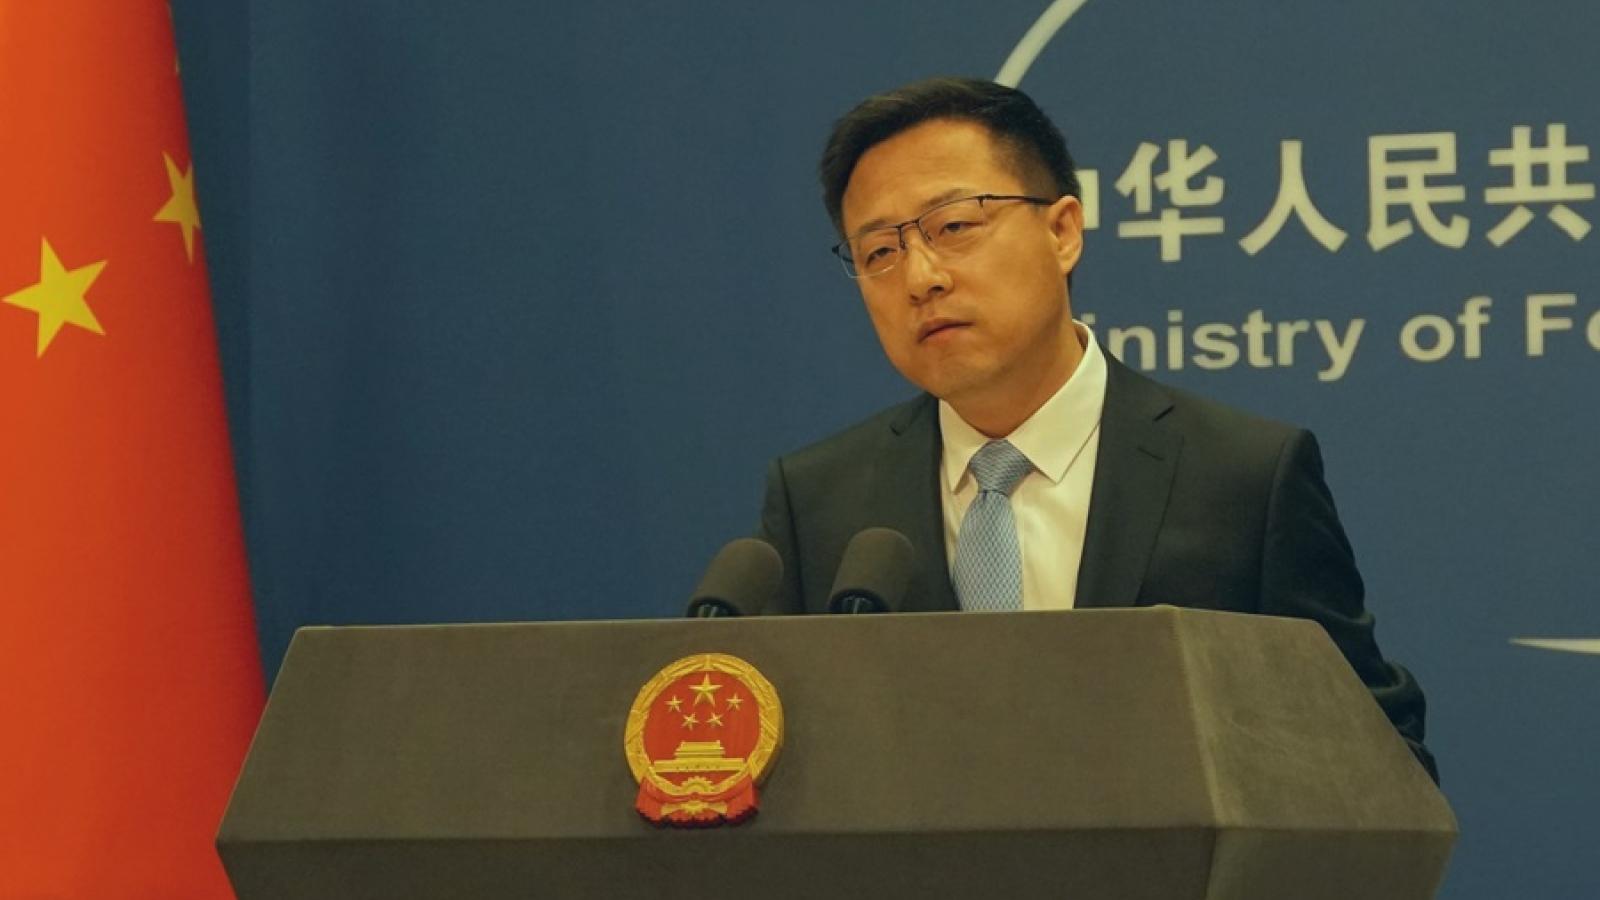 Trung Quốc chỉ trích tình báo Australia thẩm vấn phóng viên của Trung Quốc